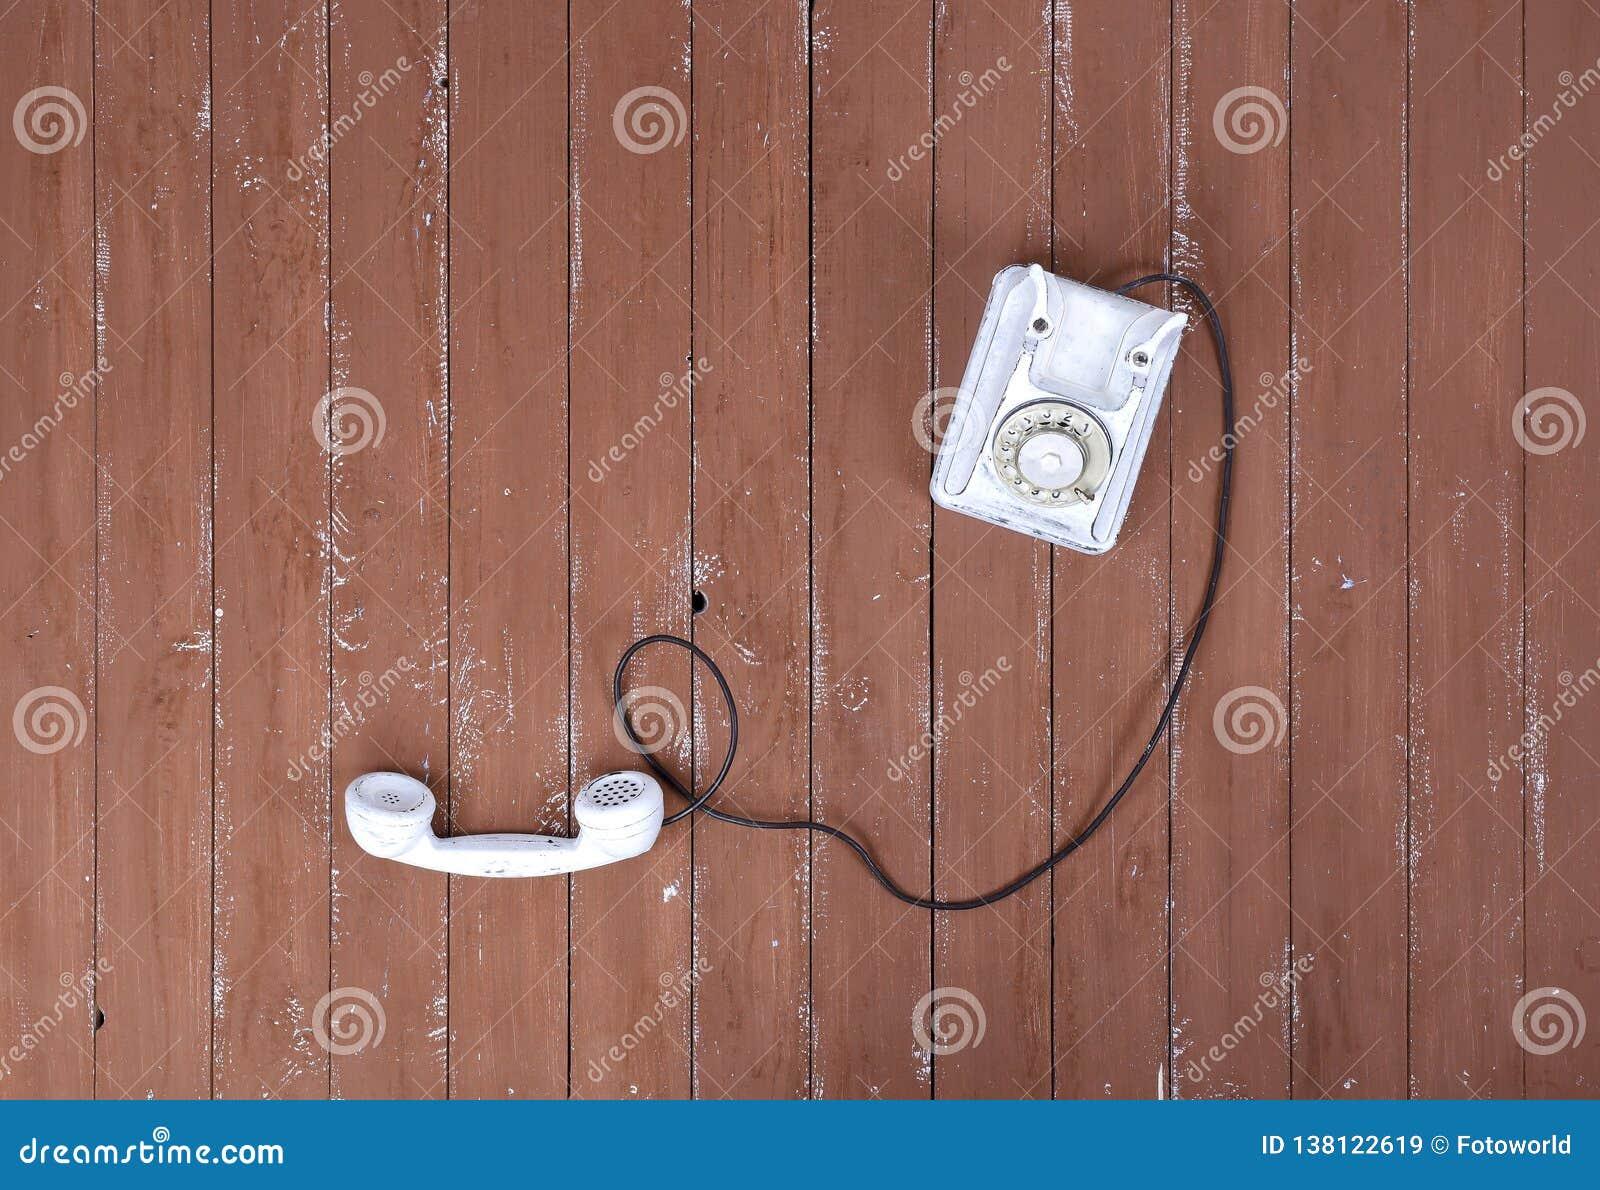 Weißes Weinlesetelefon der Draufsicht mit aufgenommen auf einem braunen Holz gemasert